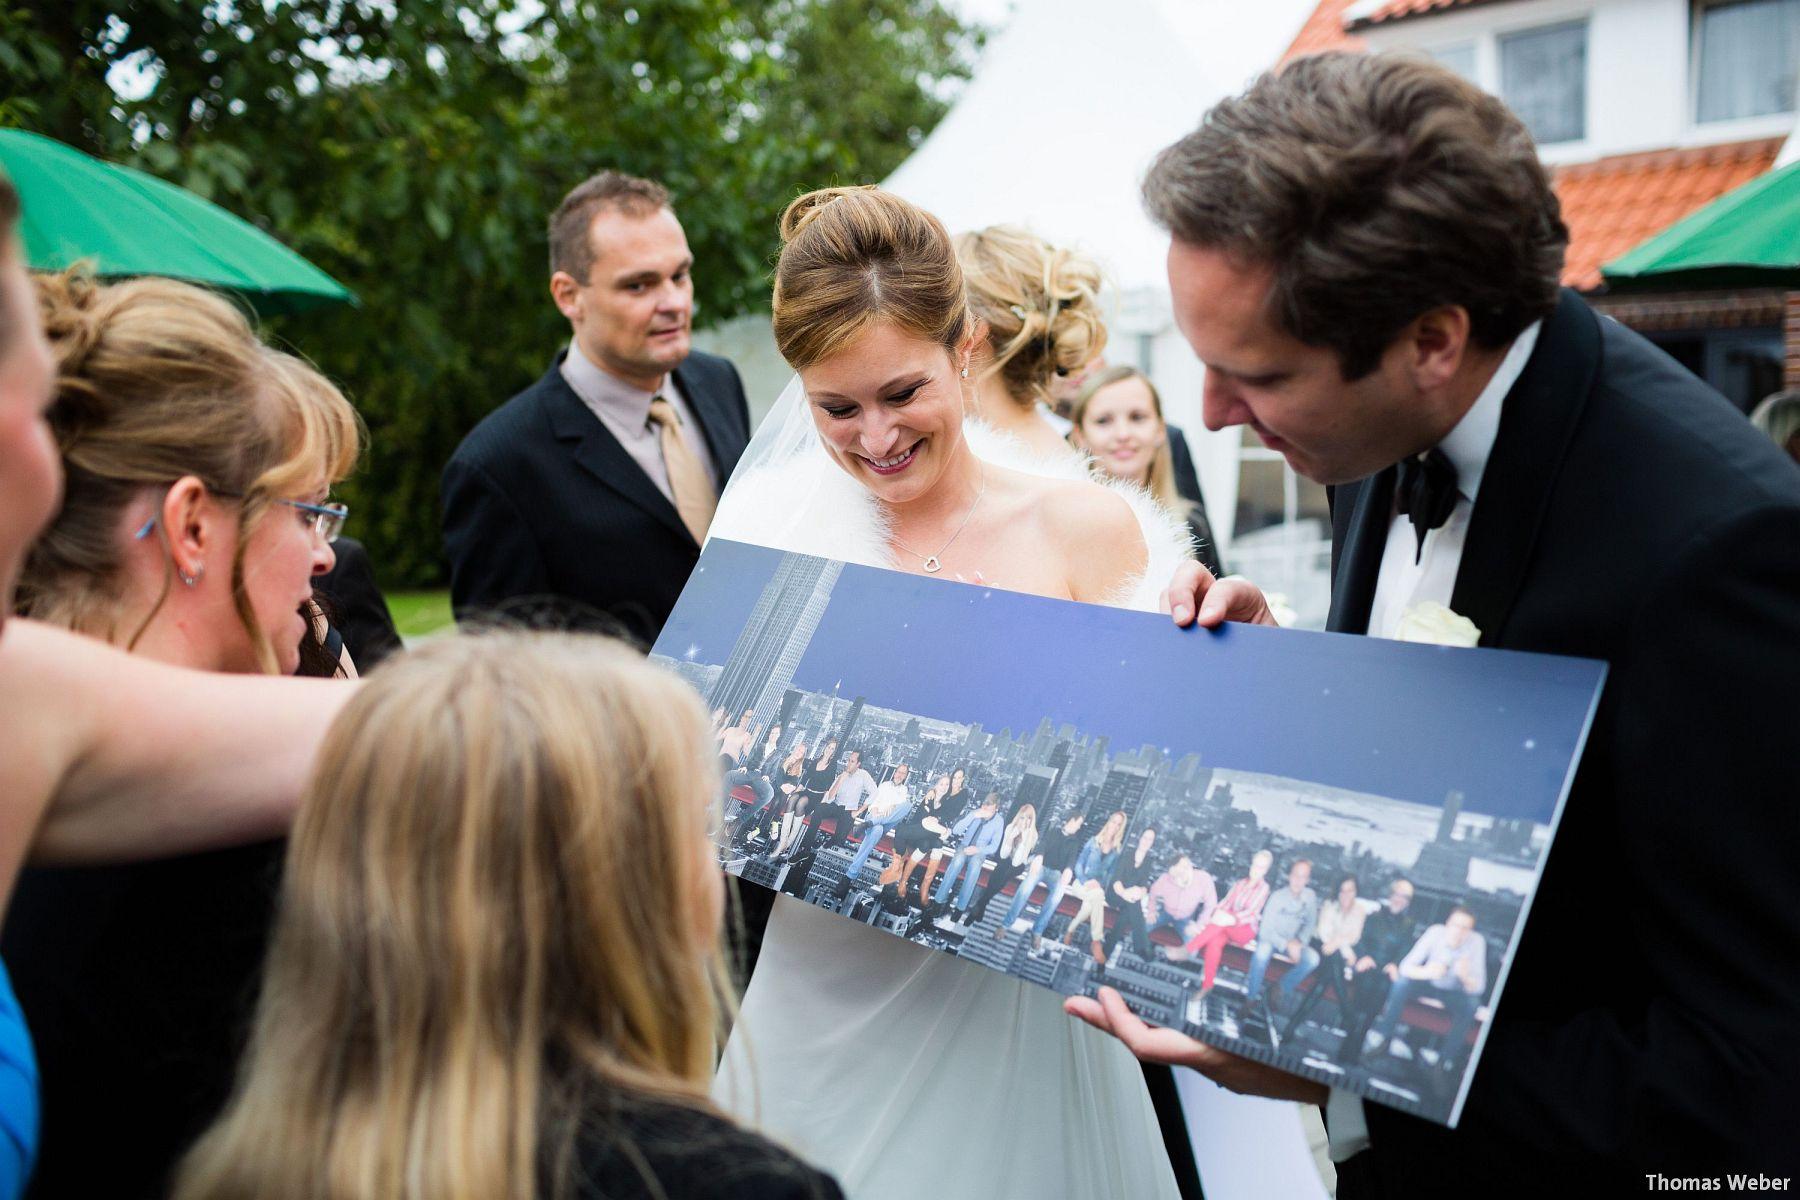 Hochzeitsfotograf Rastede: Kirchliche Trauung in der St. Ulrichs Kirche Rastede und Hochzeitsfeier in der Eventscheune St Georg Rastede mit dem Catering von Split Food (Michael Niebuhr) aus Oldenburg (42)